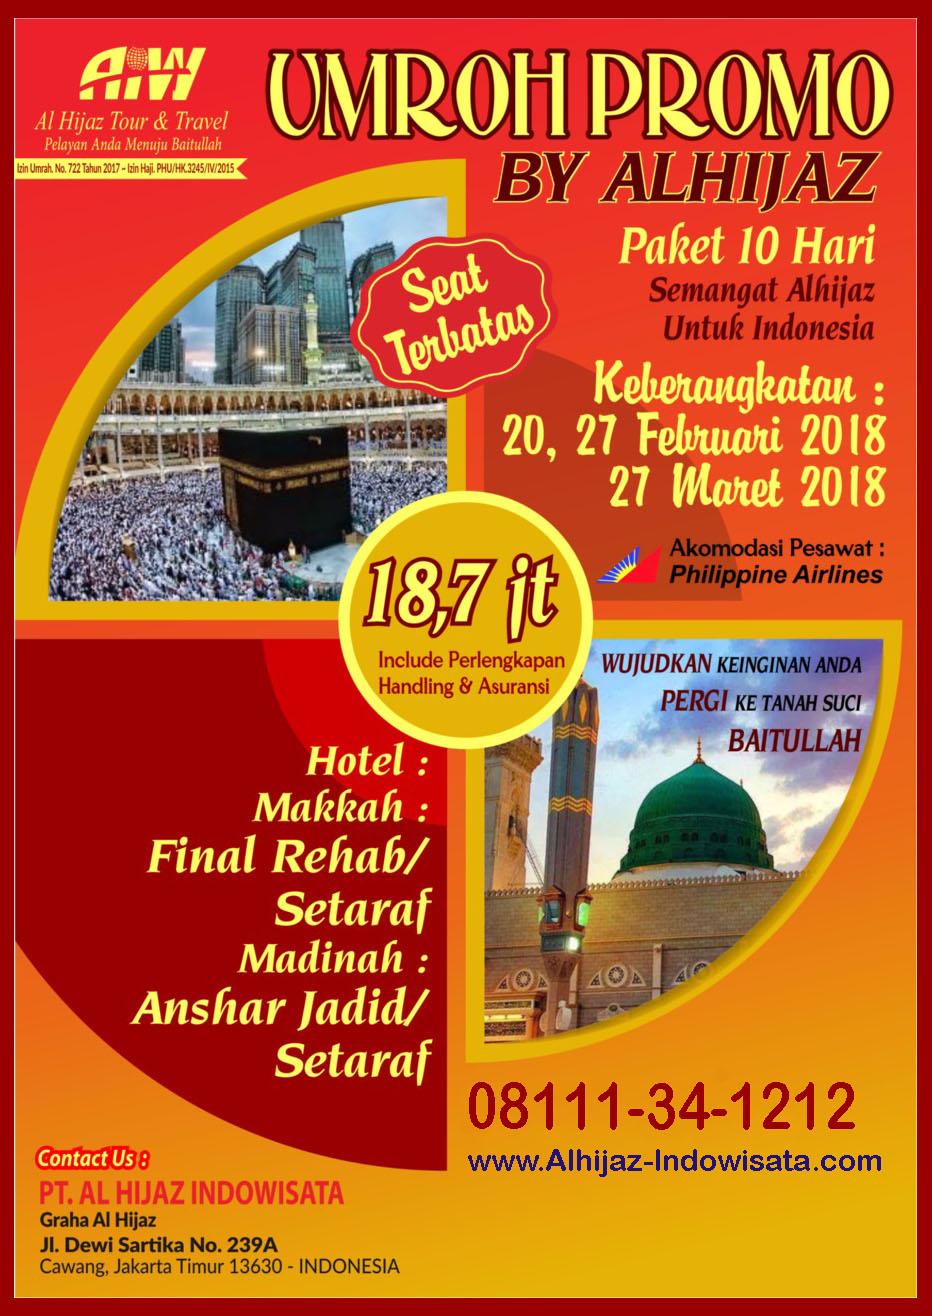 Promo Umroh Murah CP. 08111-34-1212